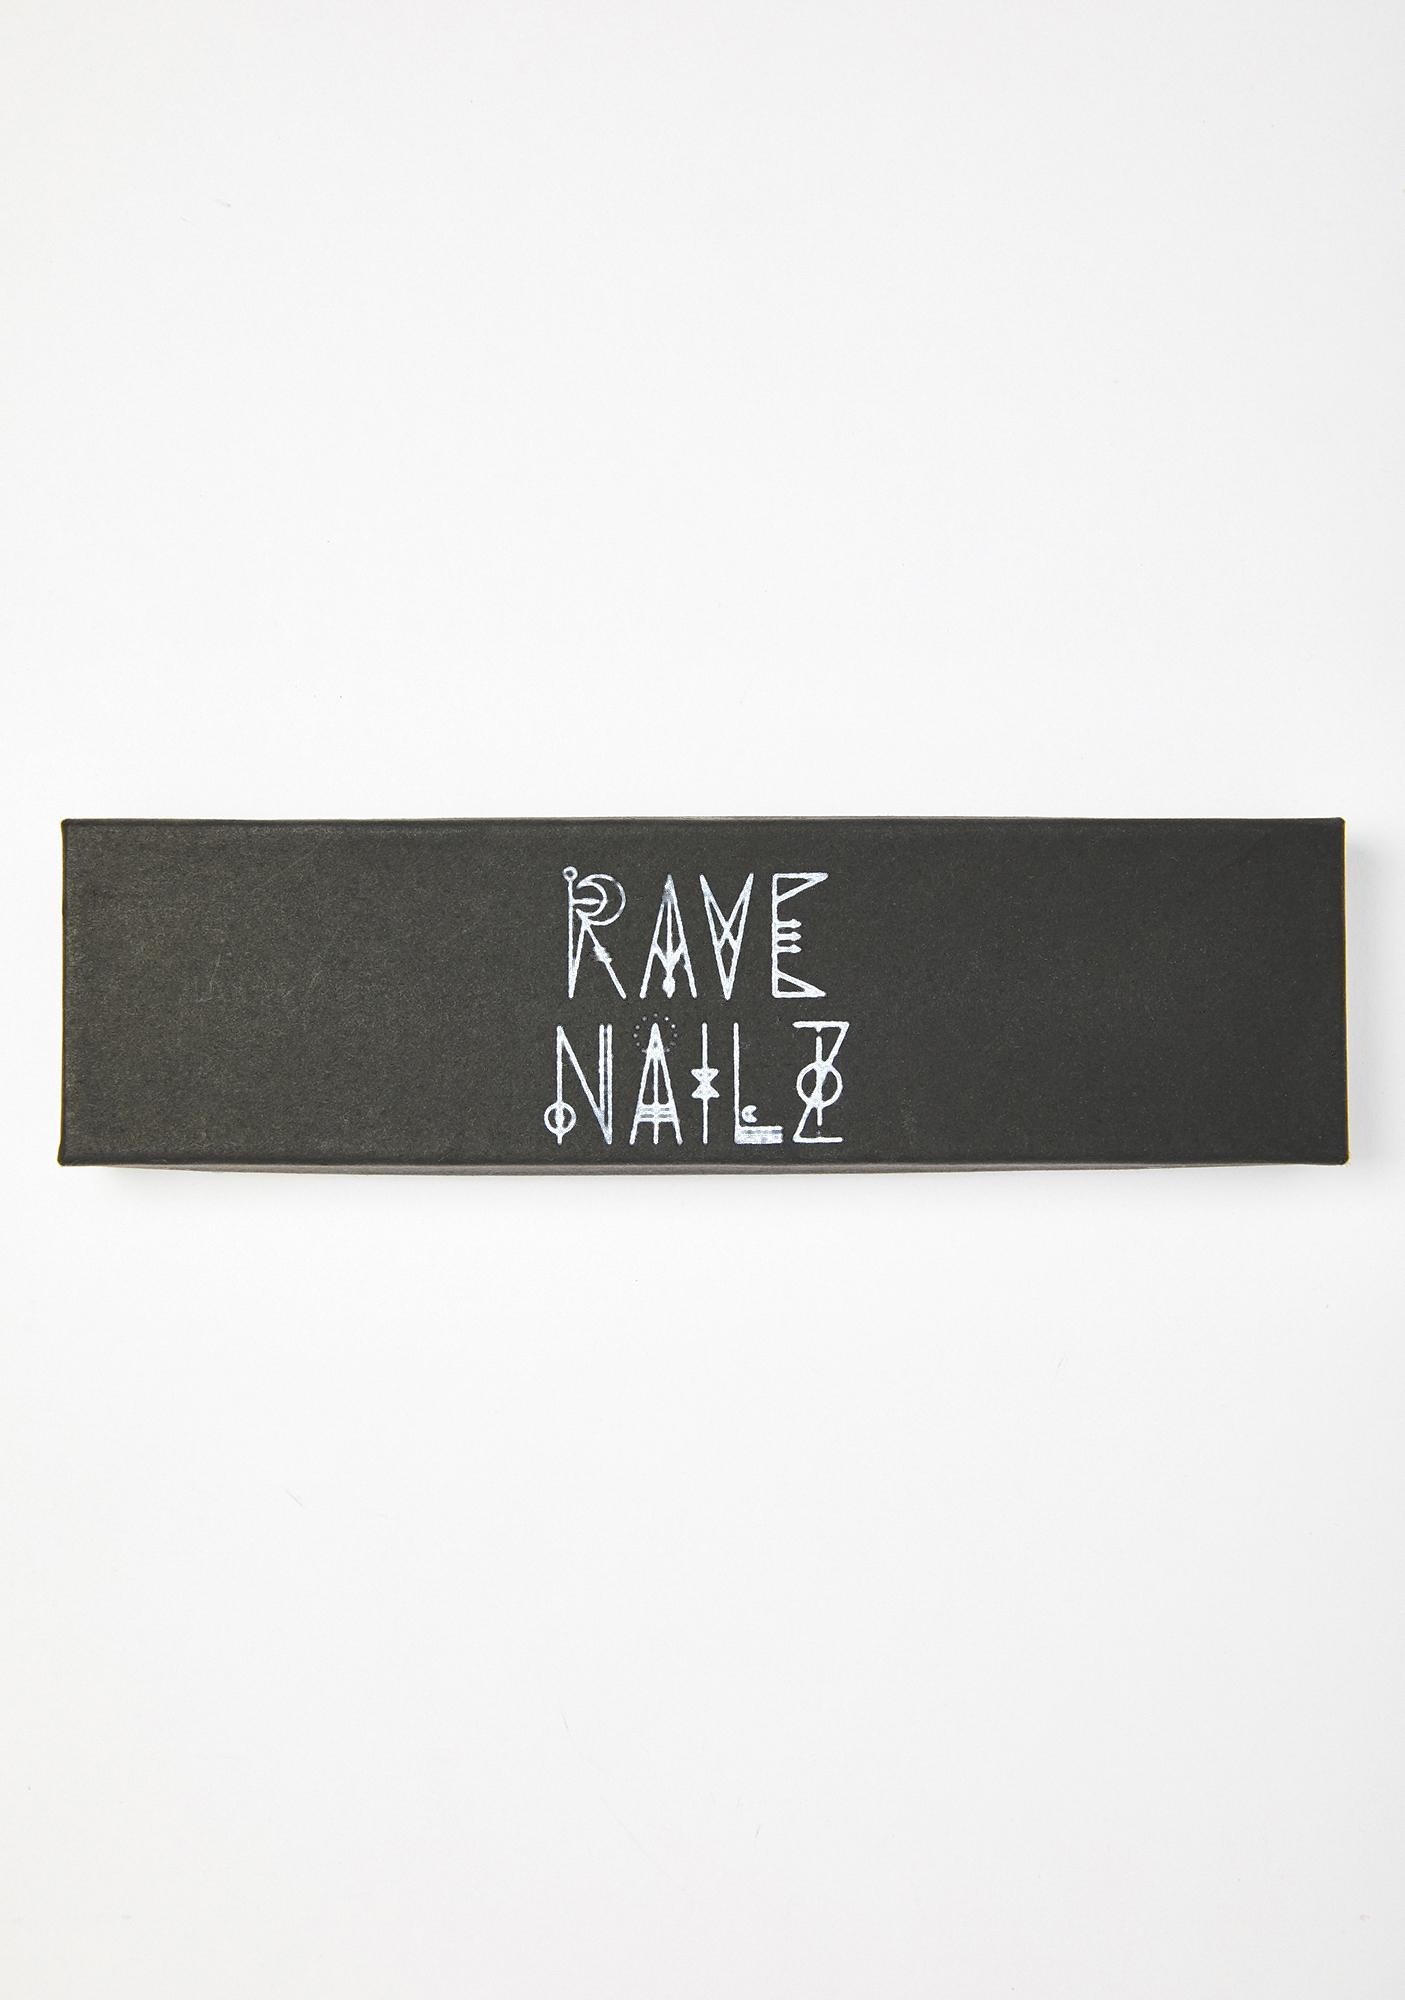 Rave Nailz Cast A Spell Nailz